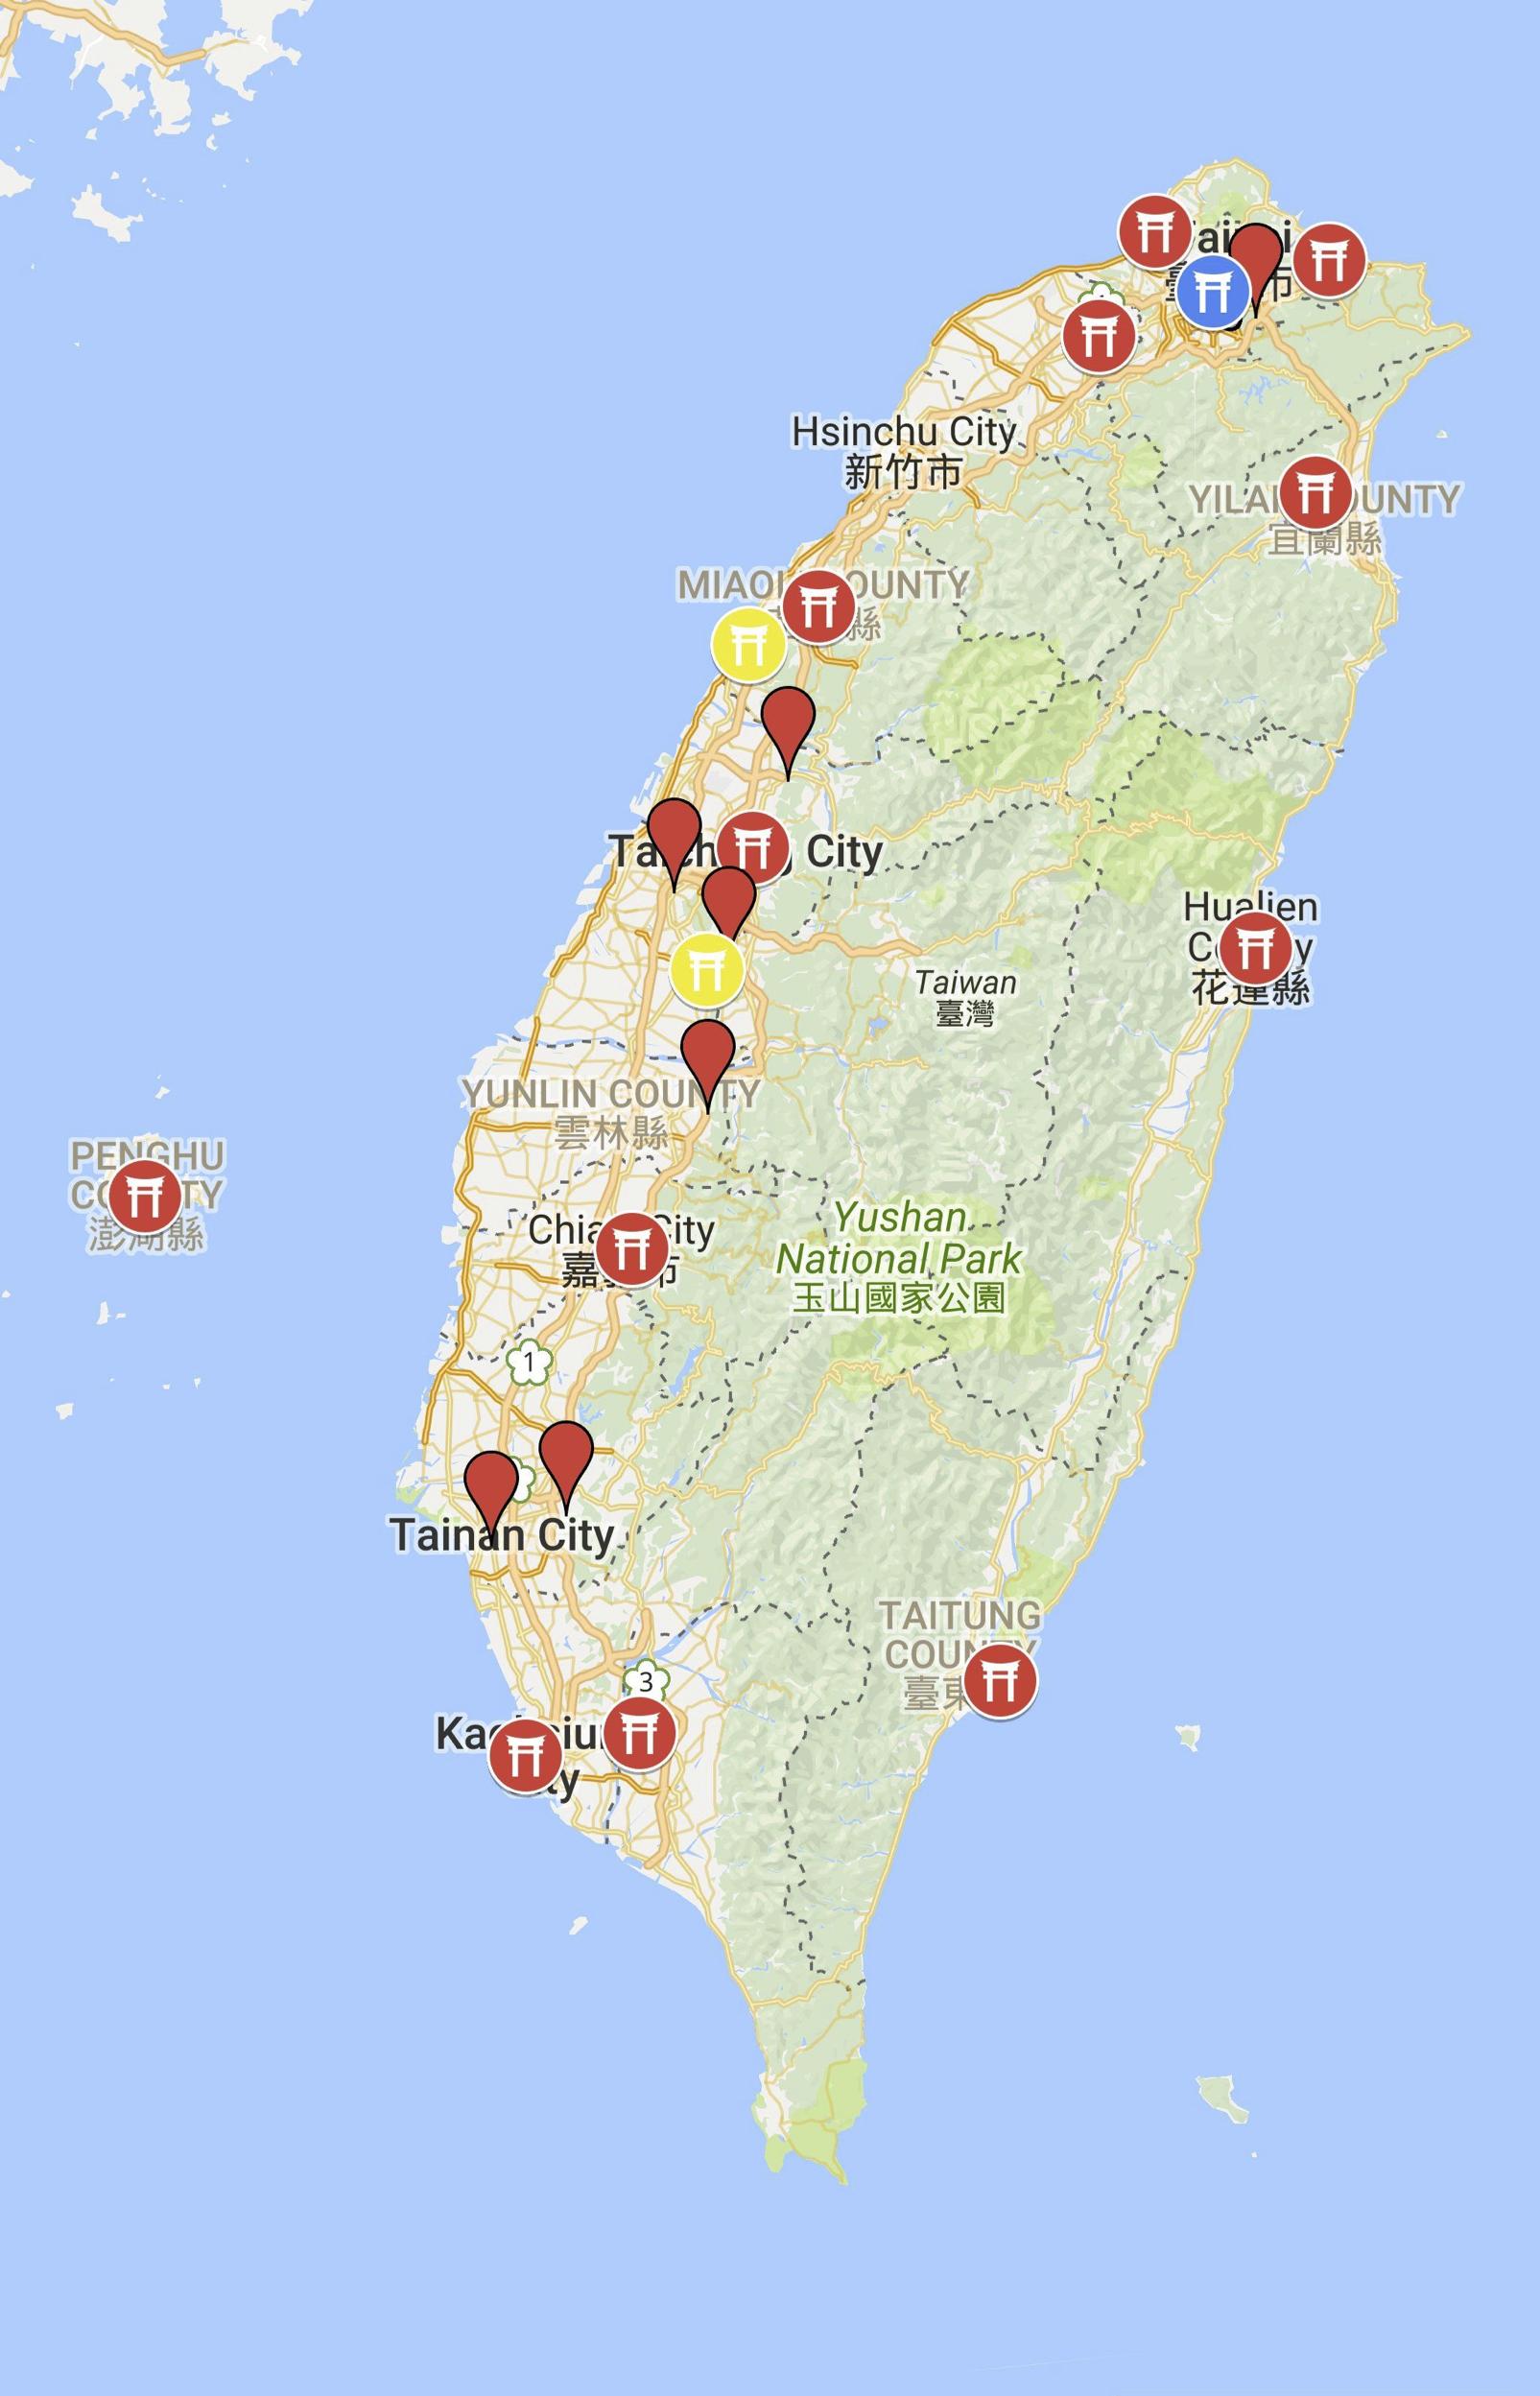 台灣忠烈祠分佈圖 (1+19+2) .jpg